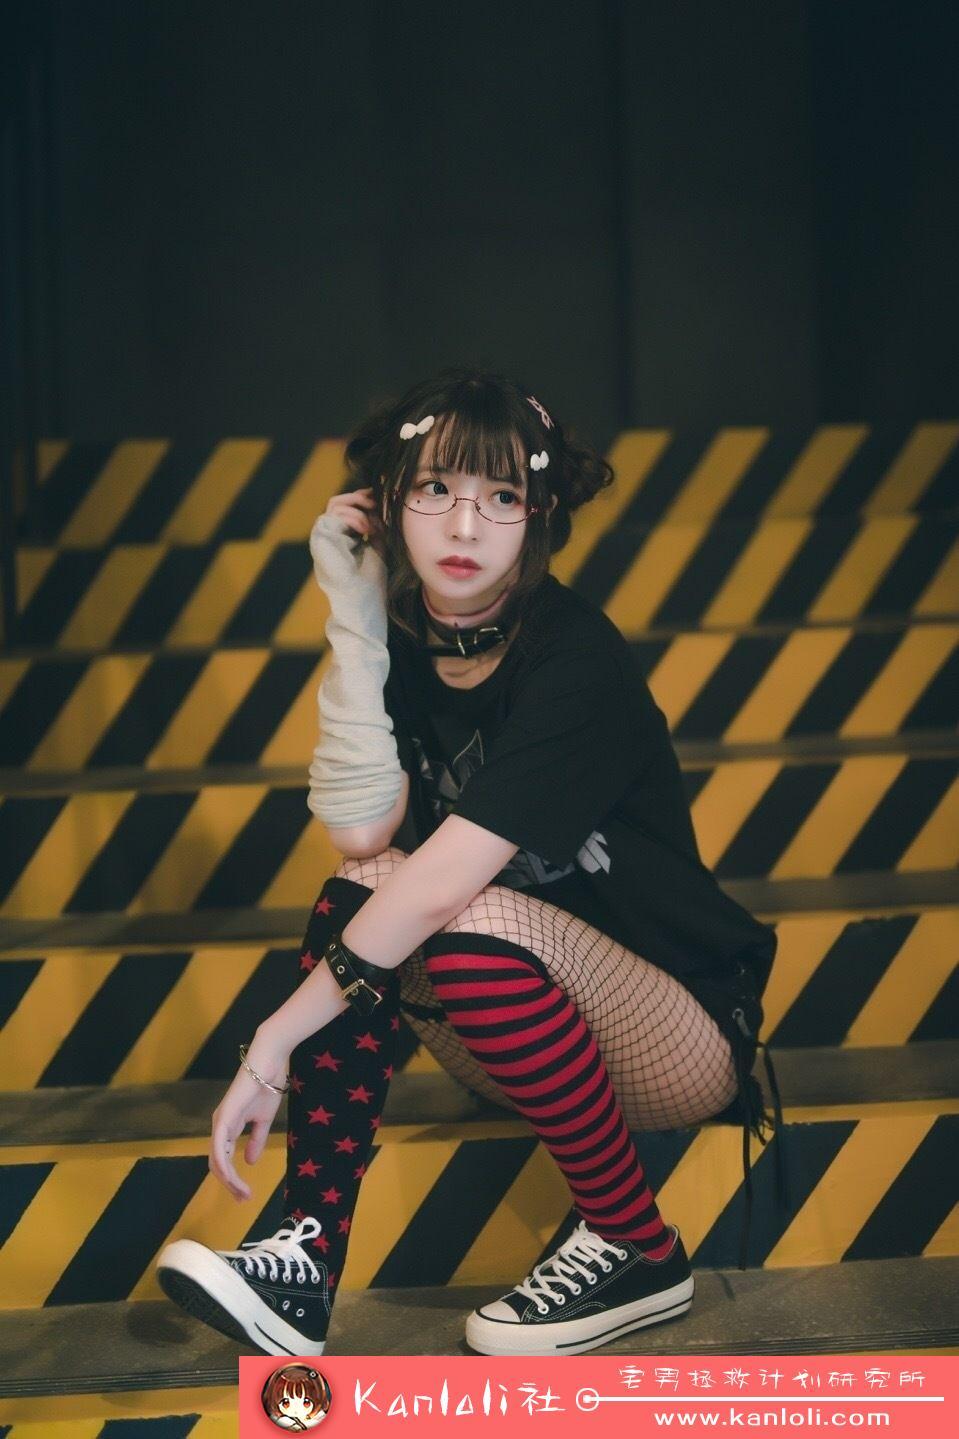 【疯猫ss】疯猫ss写真-FM-005 性感街头装 [11P]